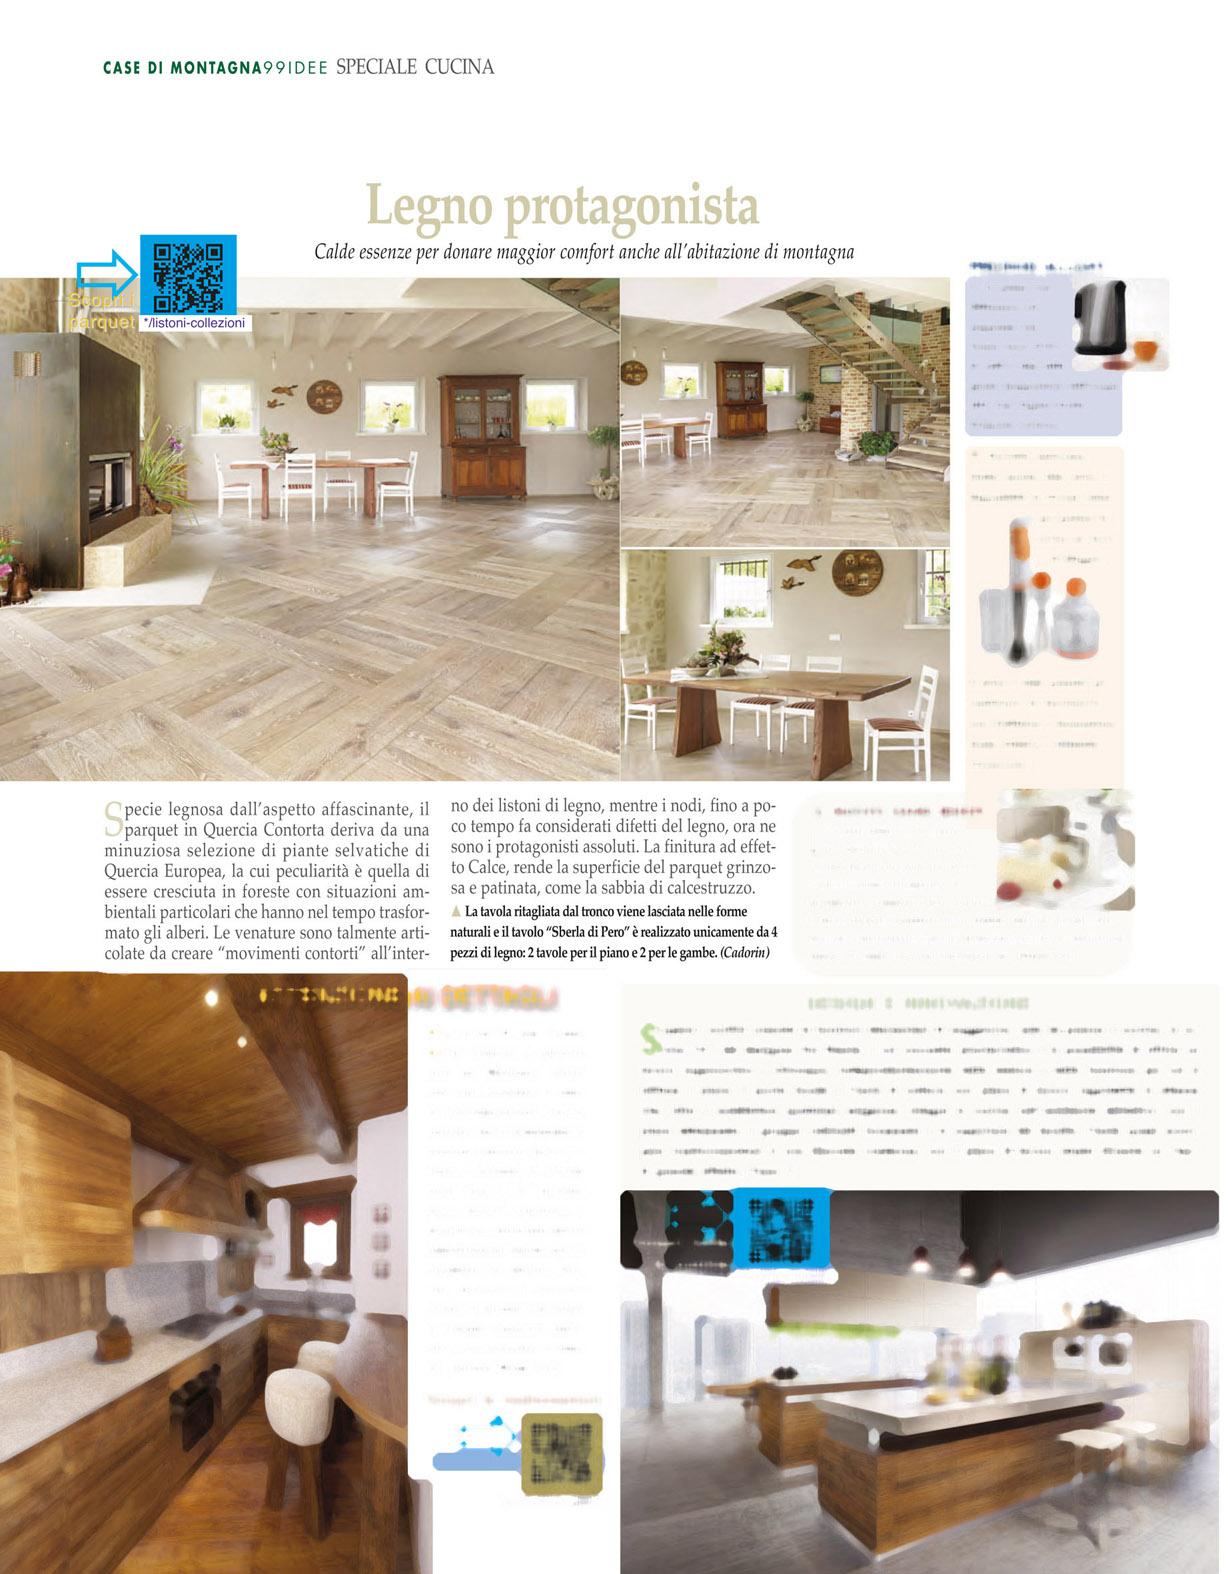 Parquet in legno su riviste arredamento febbraio 2014 for Riviste su arredamento casa